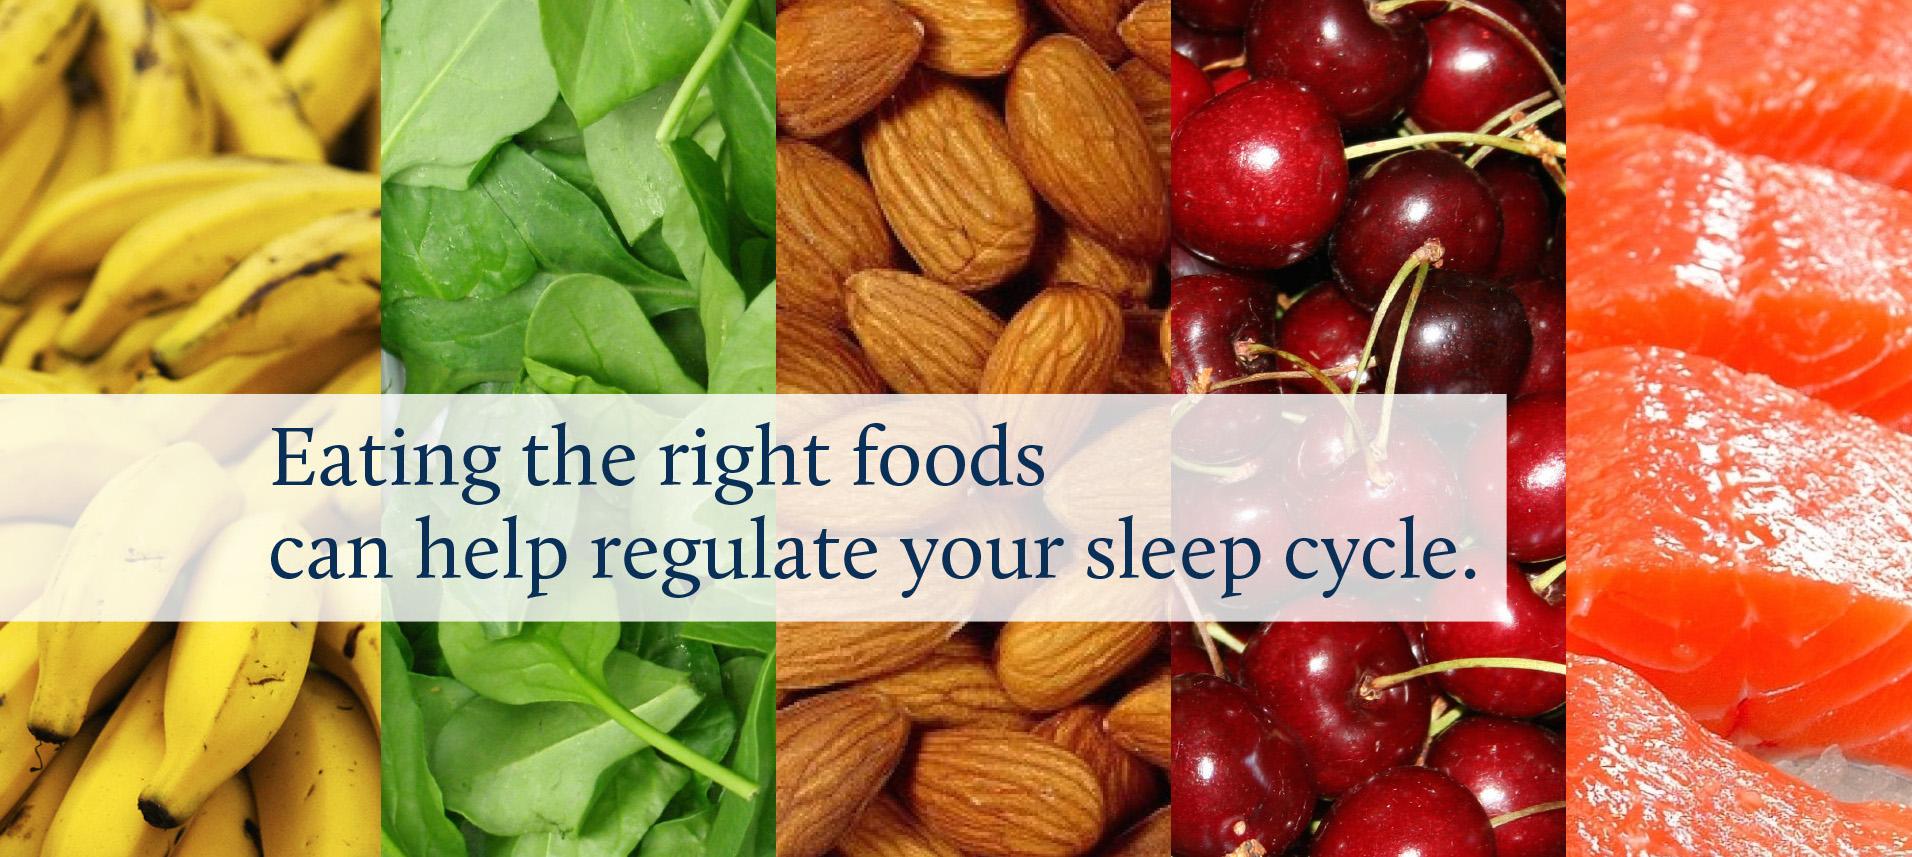 Foods that Aid Sleep